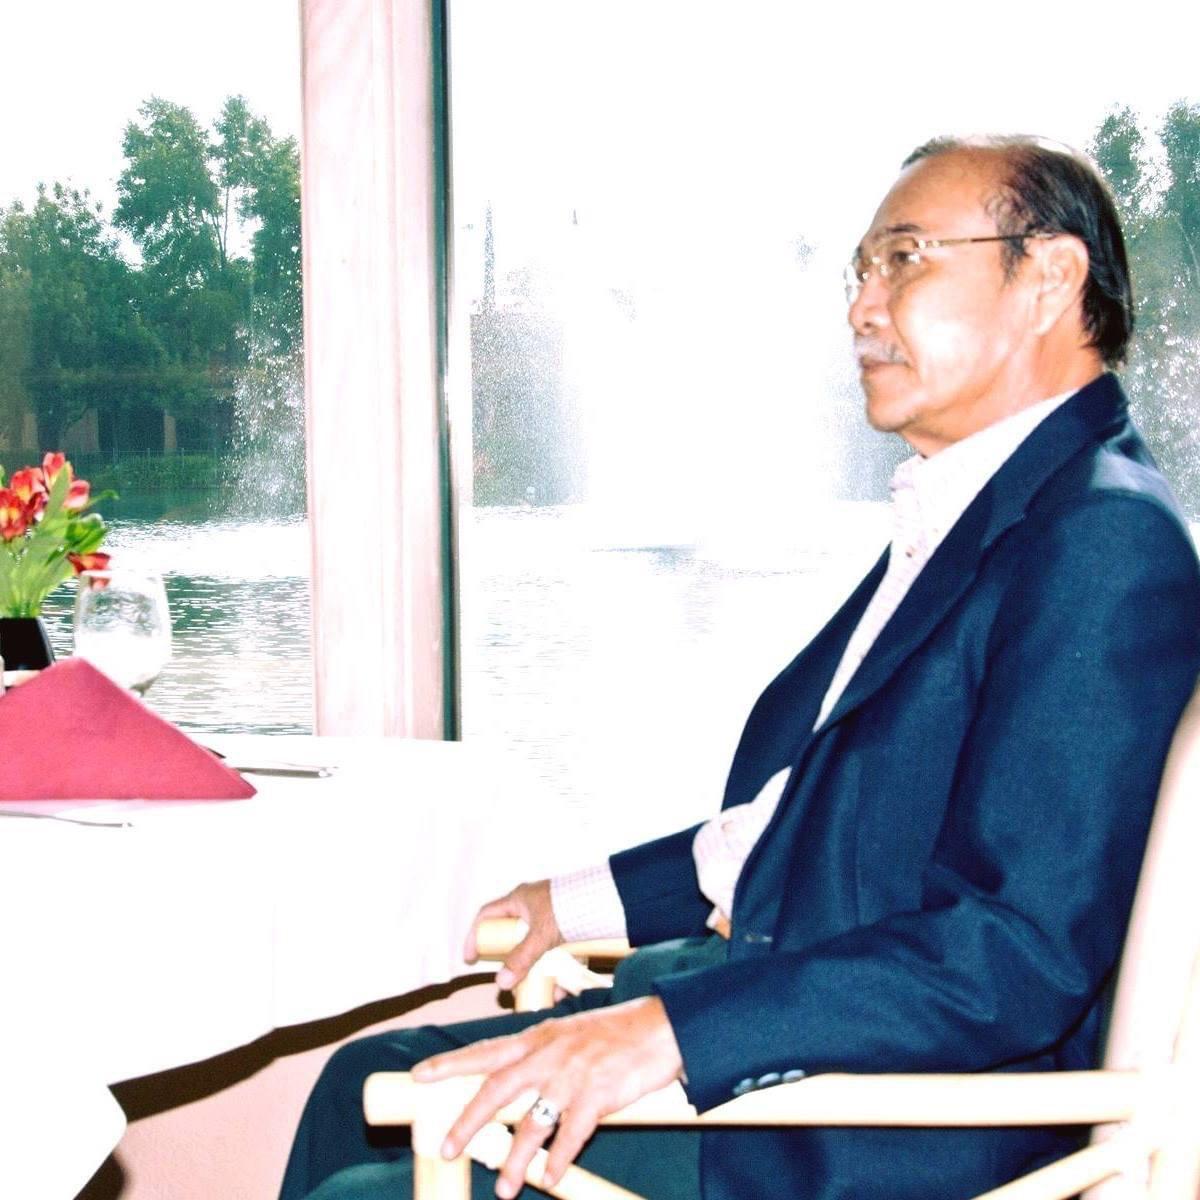 Ca sĩ Thu Phương, Hồng Nhung thương tiếc nhạc sĩ Trần Quang Lộc - Ảnh 1.